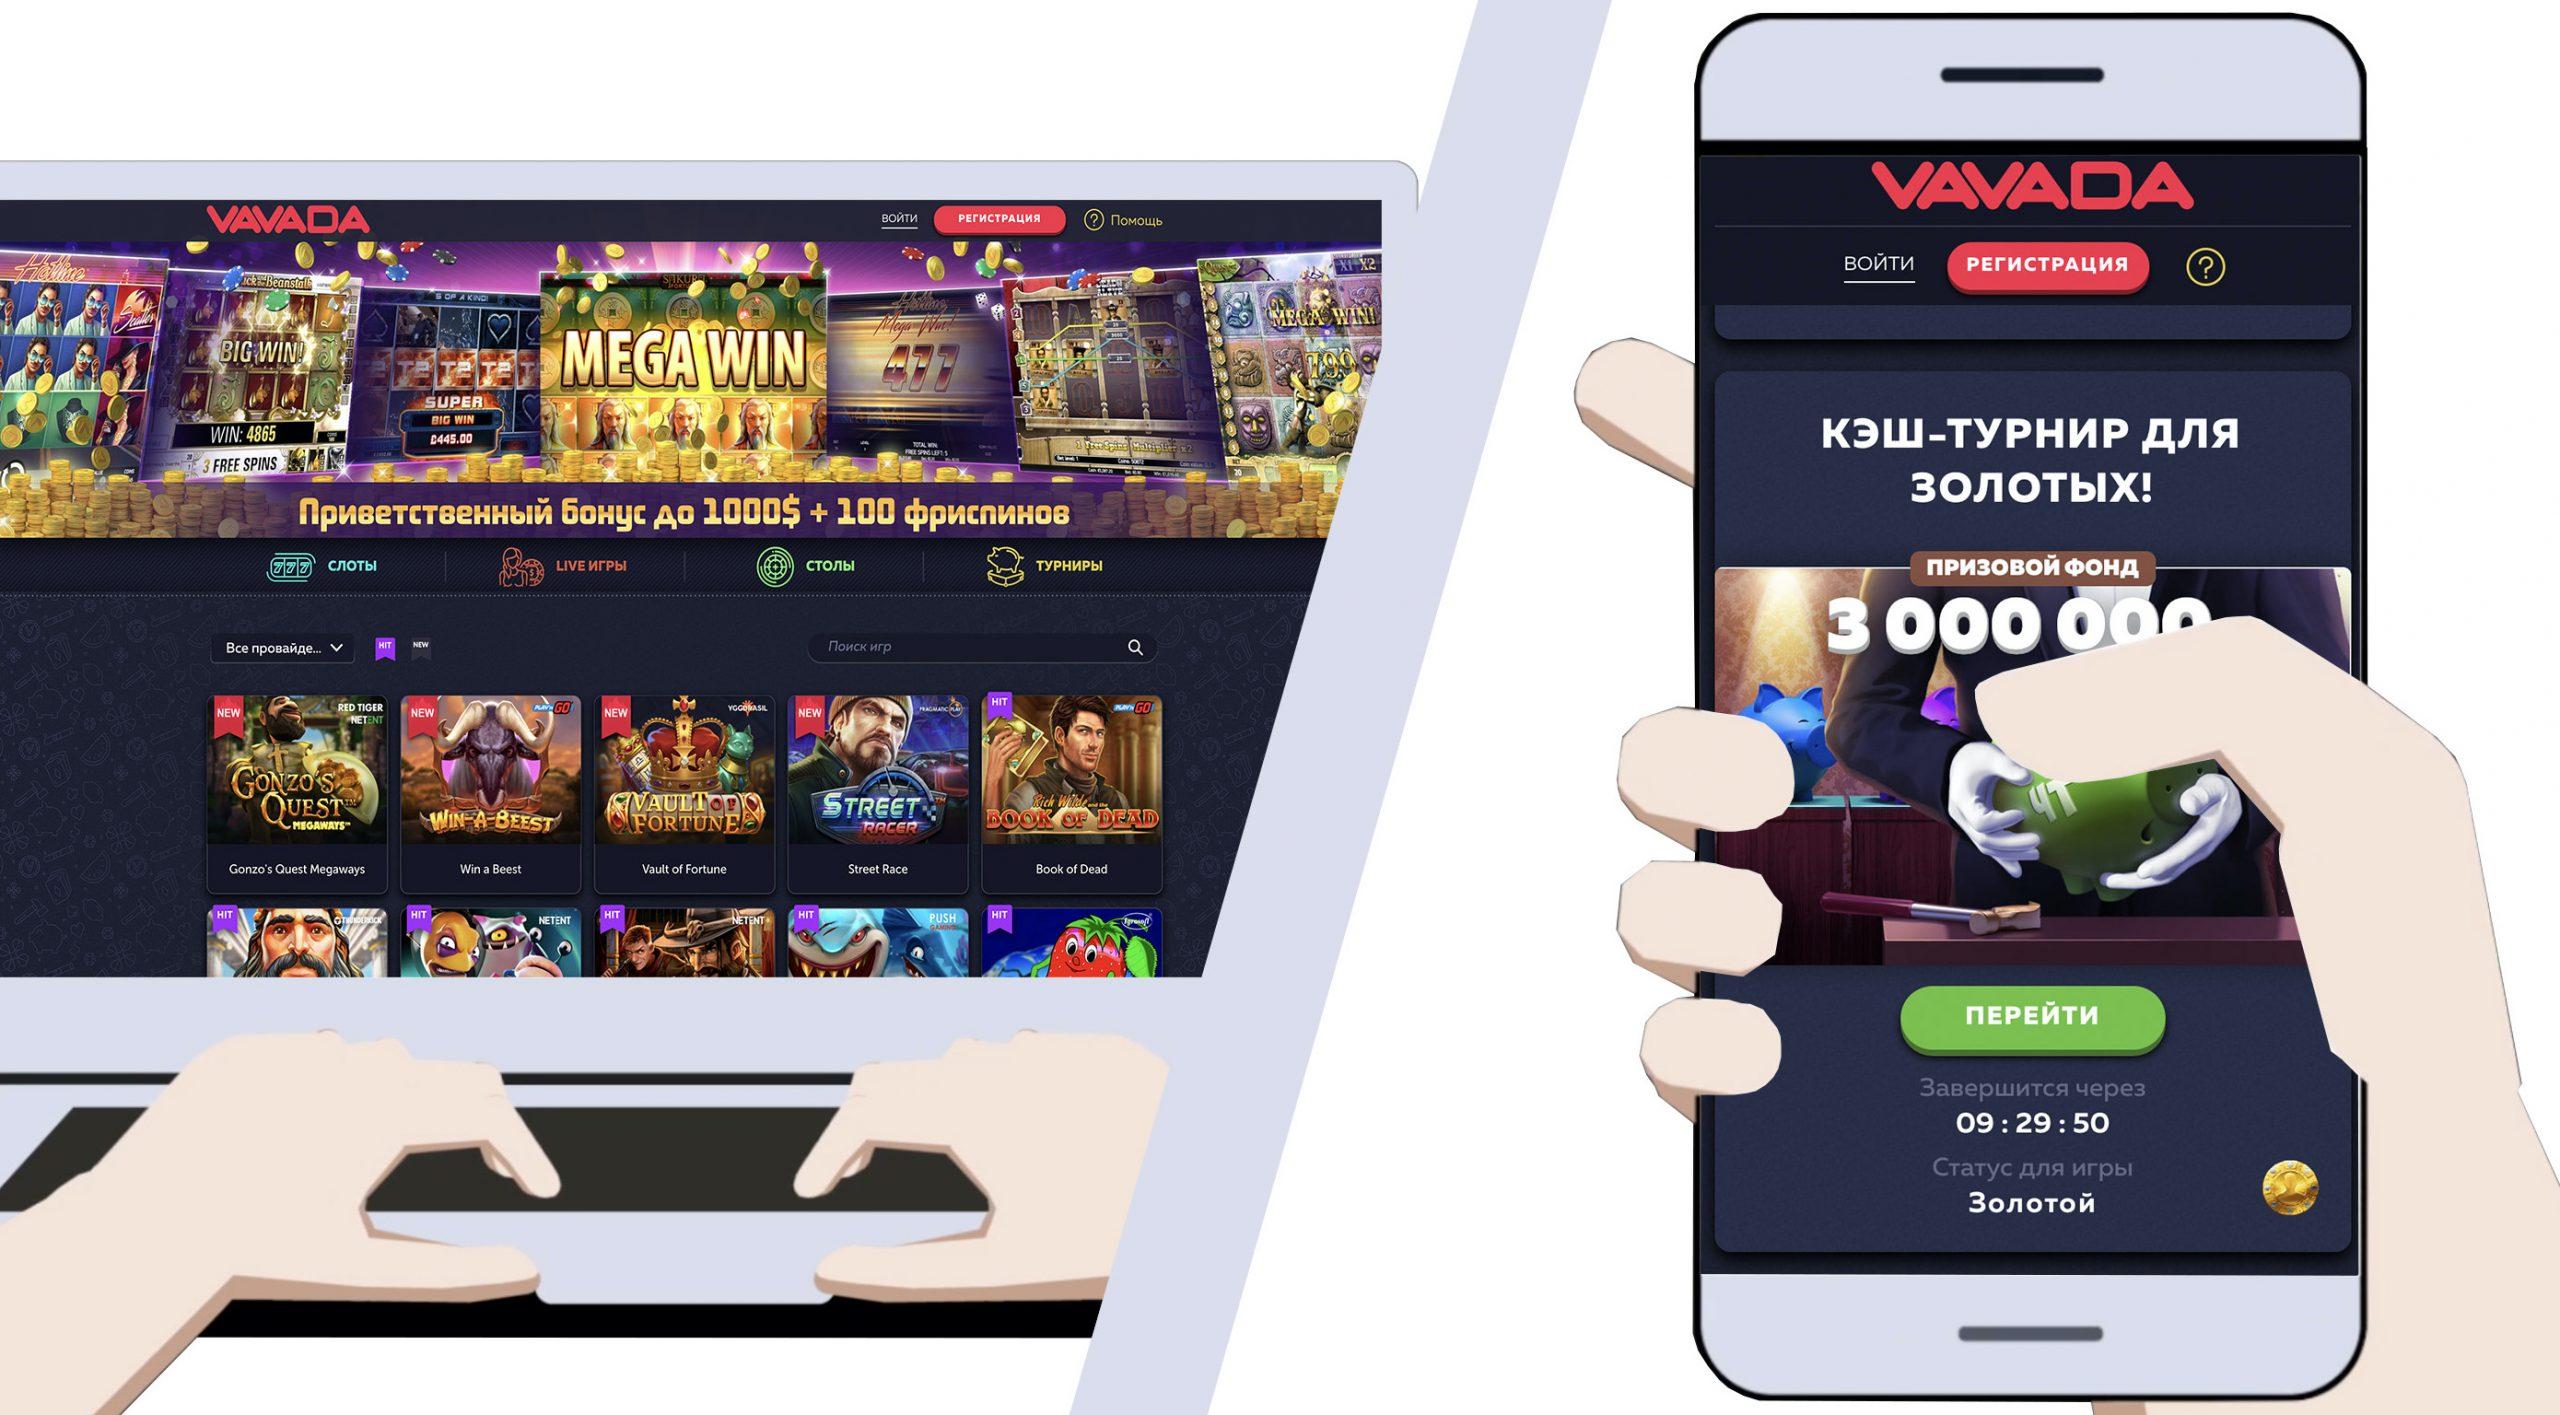 Бонусы и турниры Vavada казино